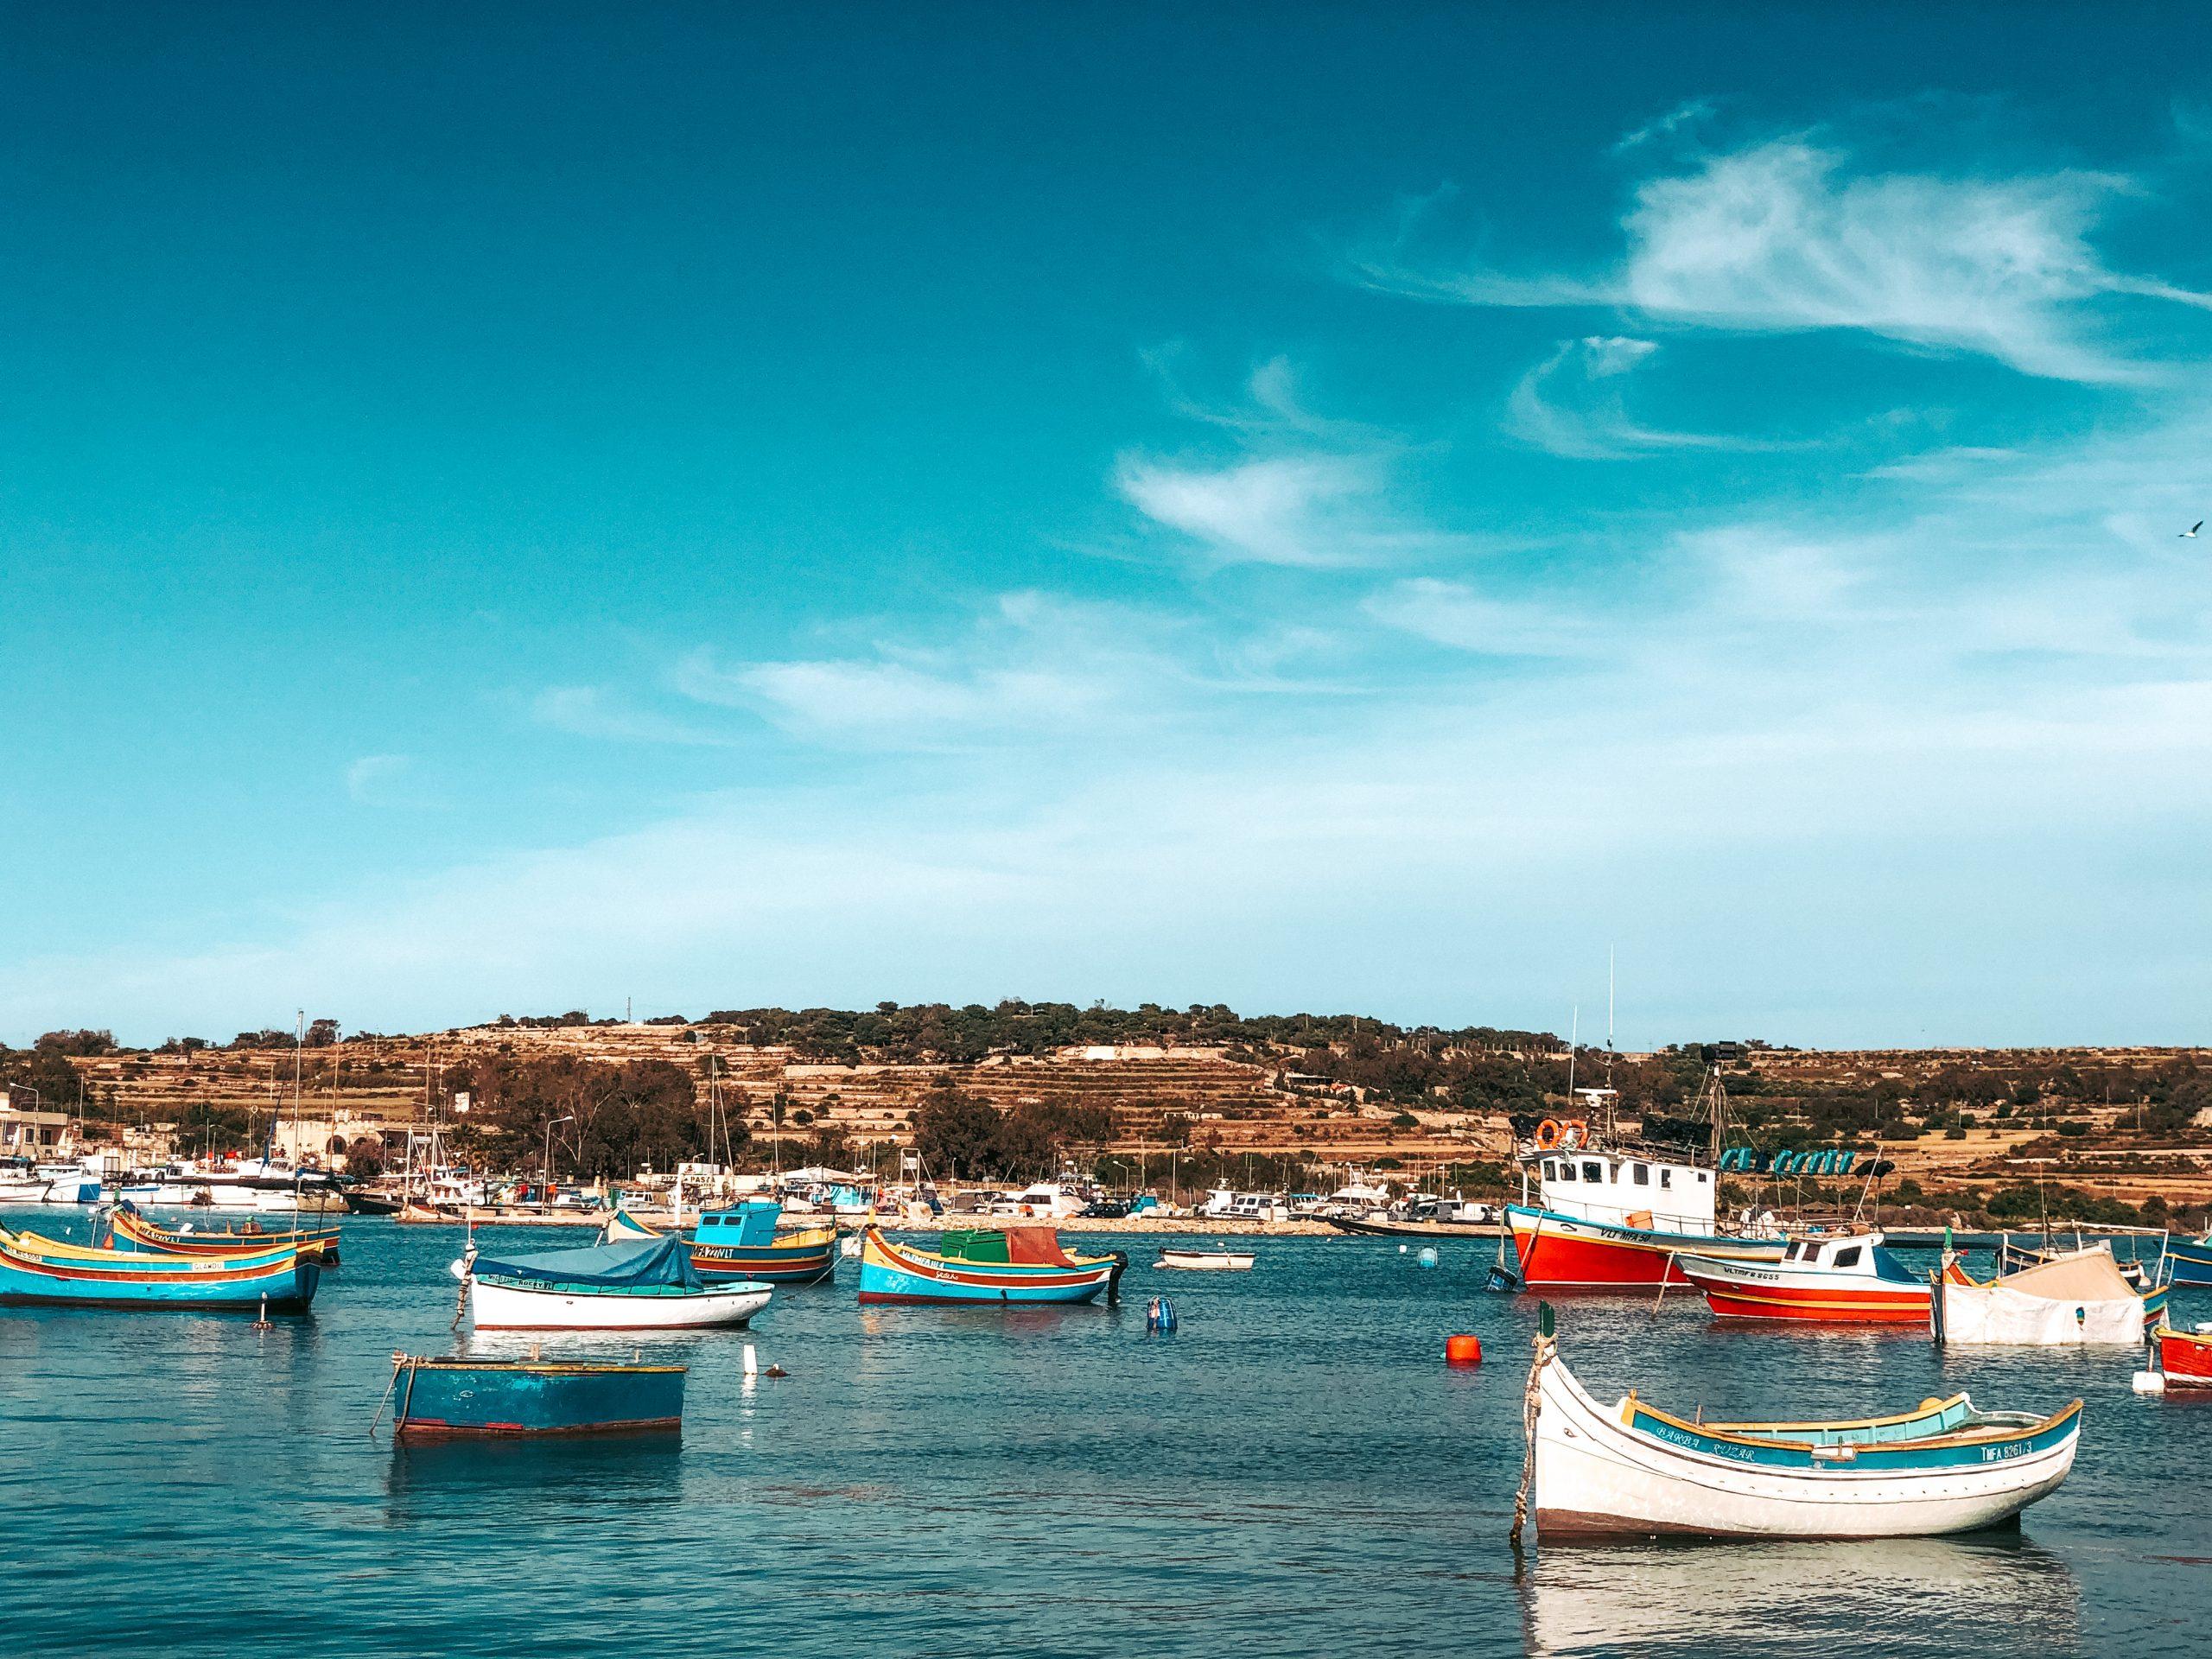 marsaxlokk-malta-fishing-village